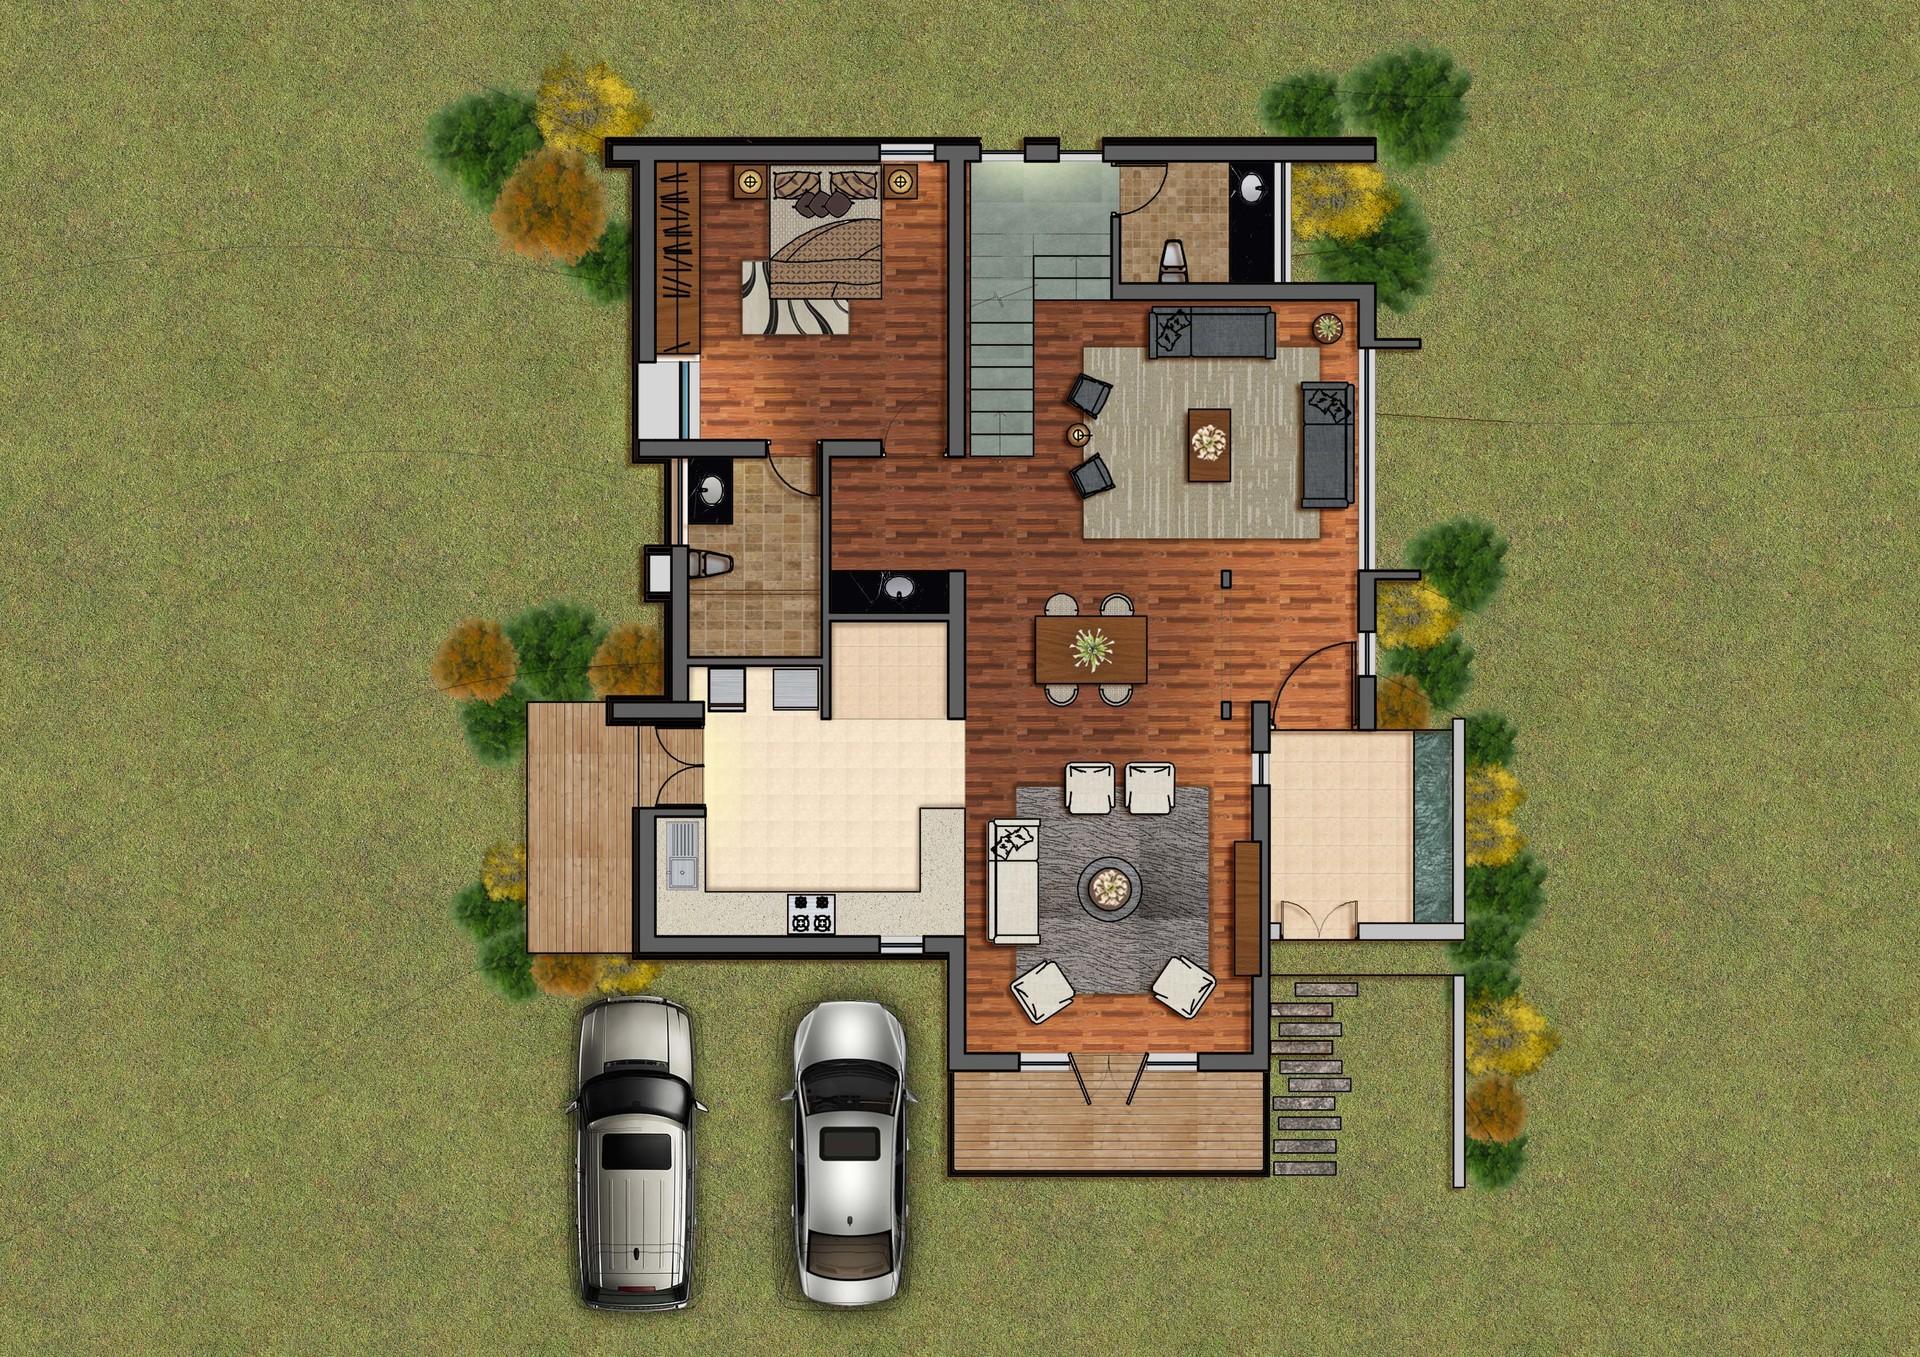 Aishwarya Binani - Architecture plan render in Photoshop